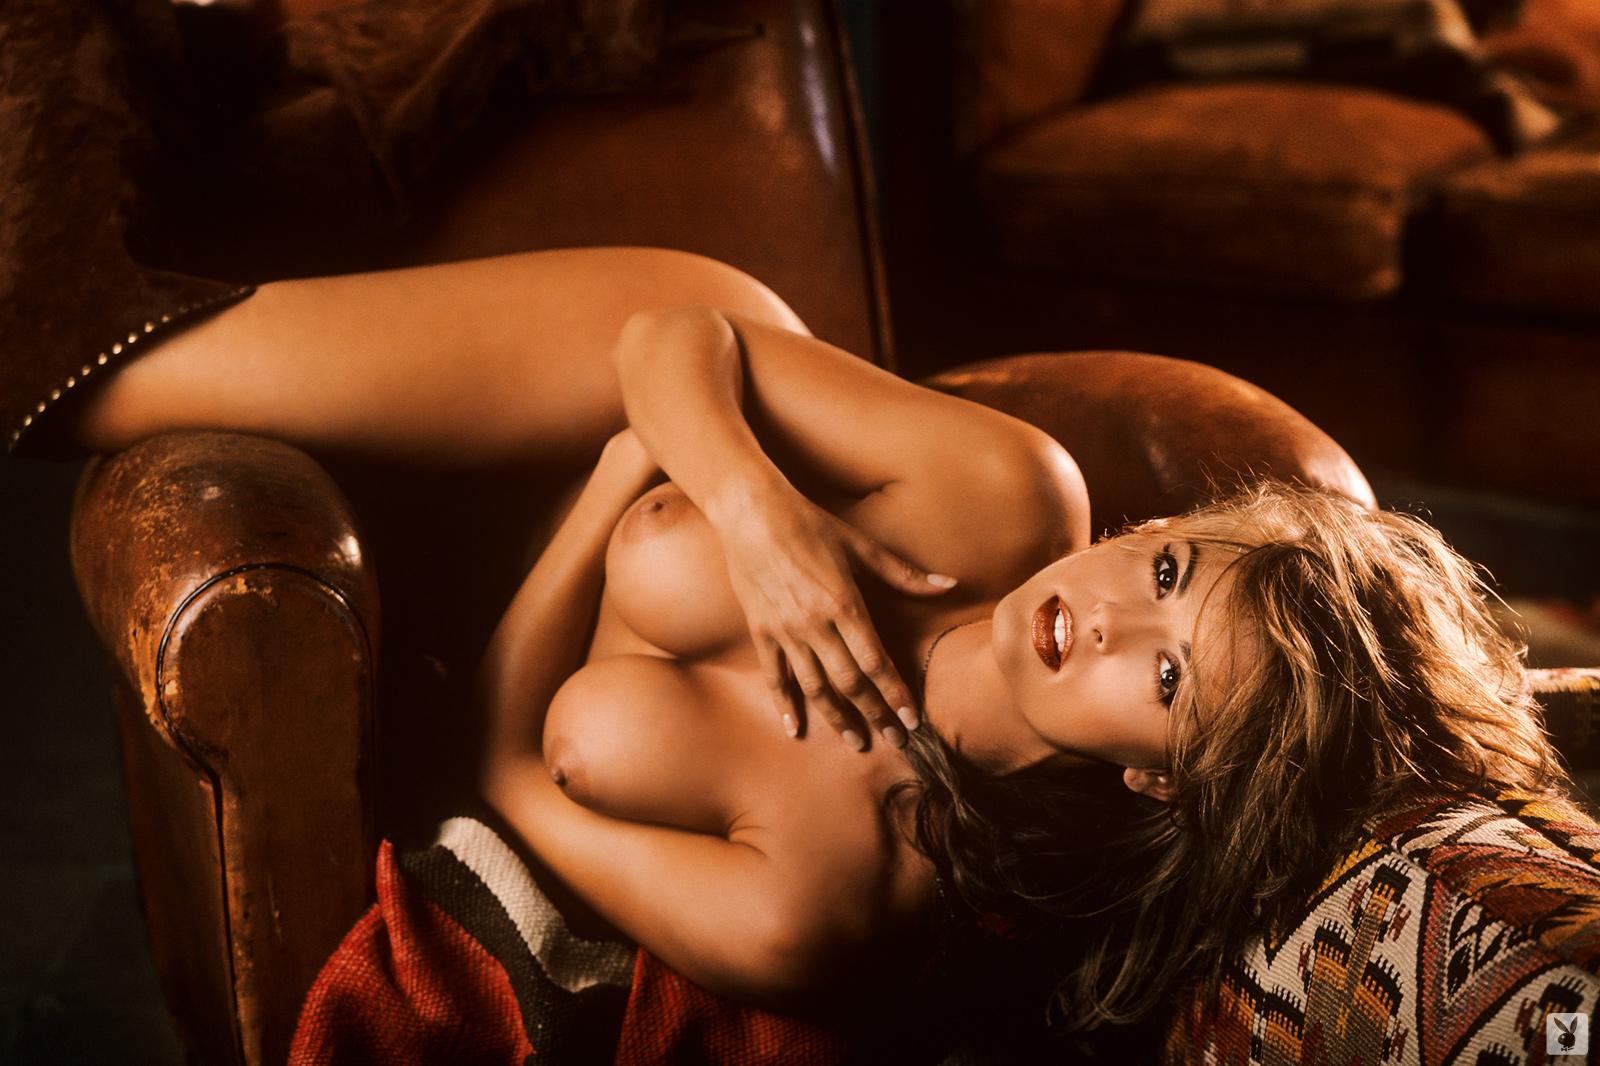 young girl nude selfy